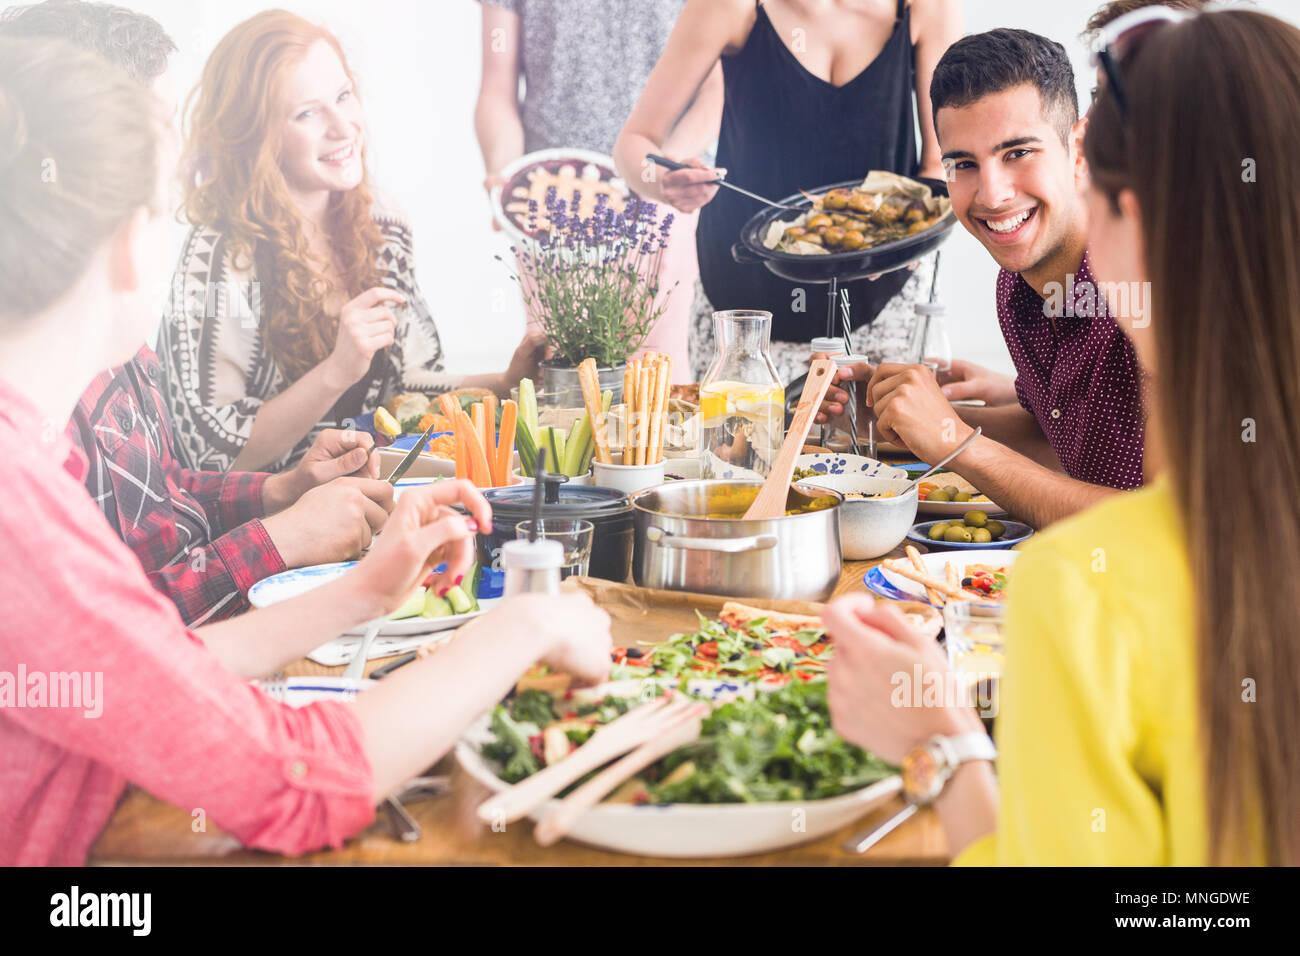 Les gens heureux faire cuire et manger ensemble vege fresh déjeuner à Friend's home Banque D'Images